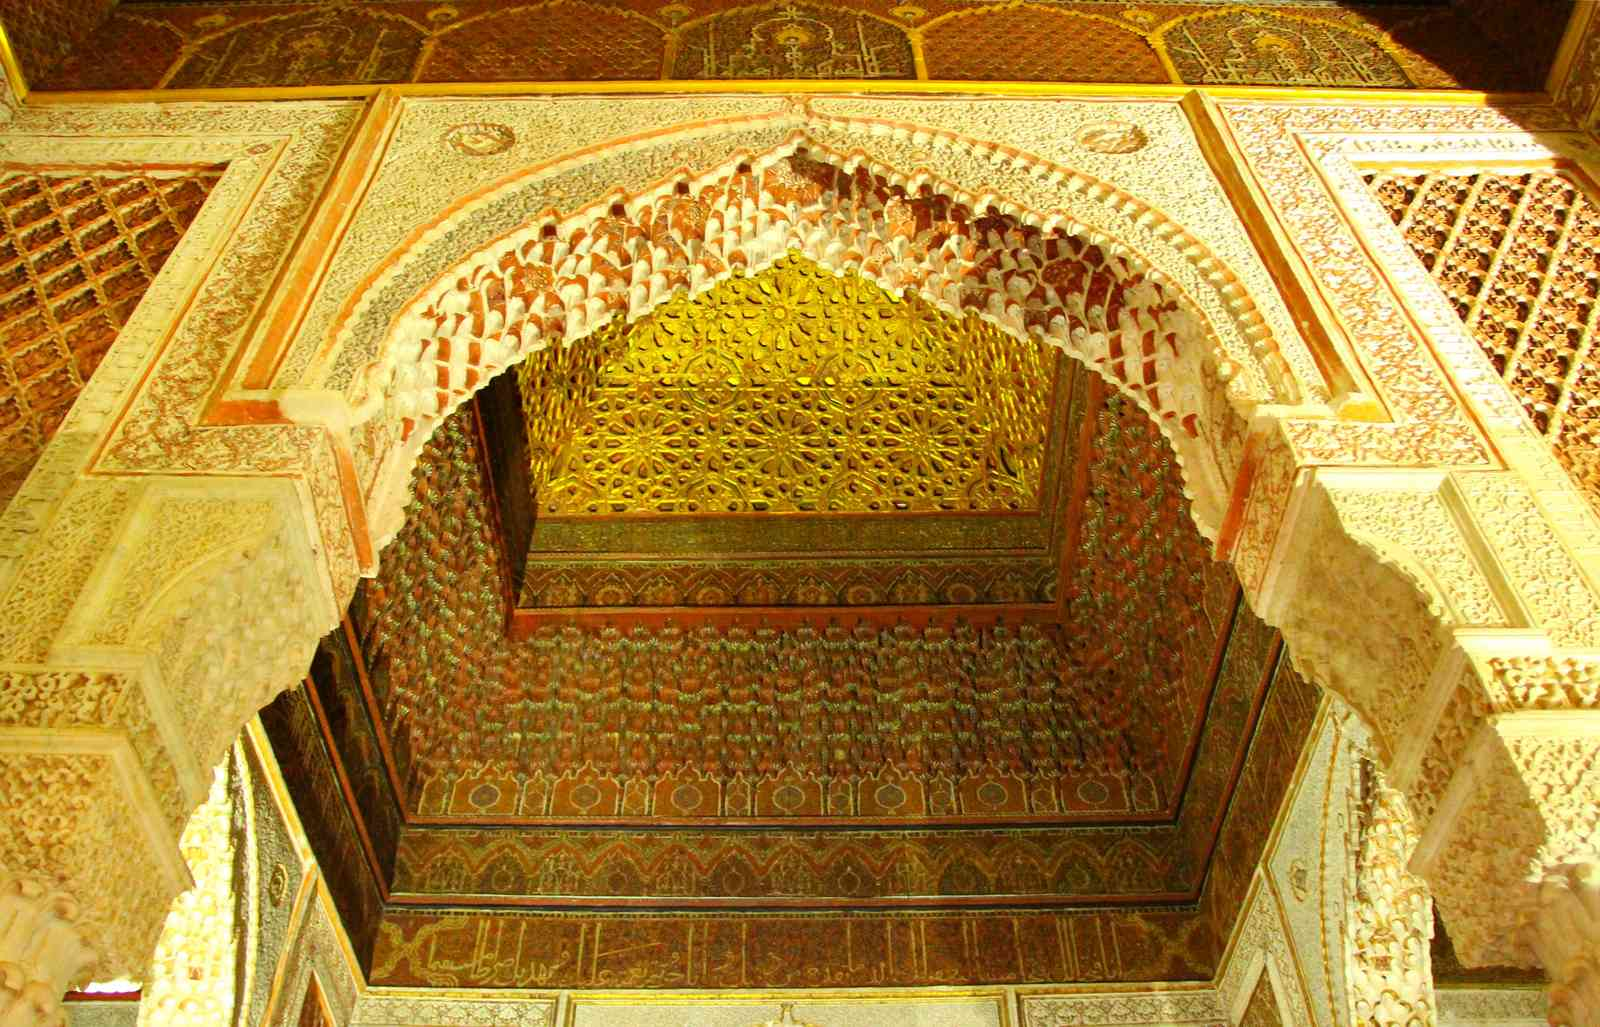 Maroc - Plafond en stuc dans les tombeaux saadiens à Marrakech